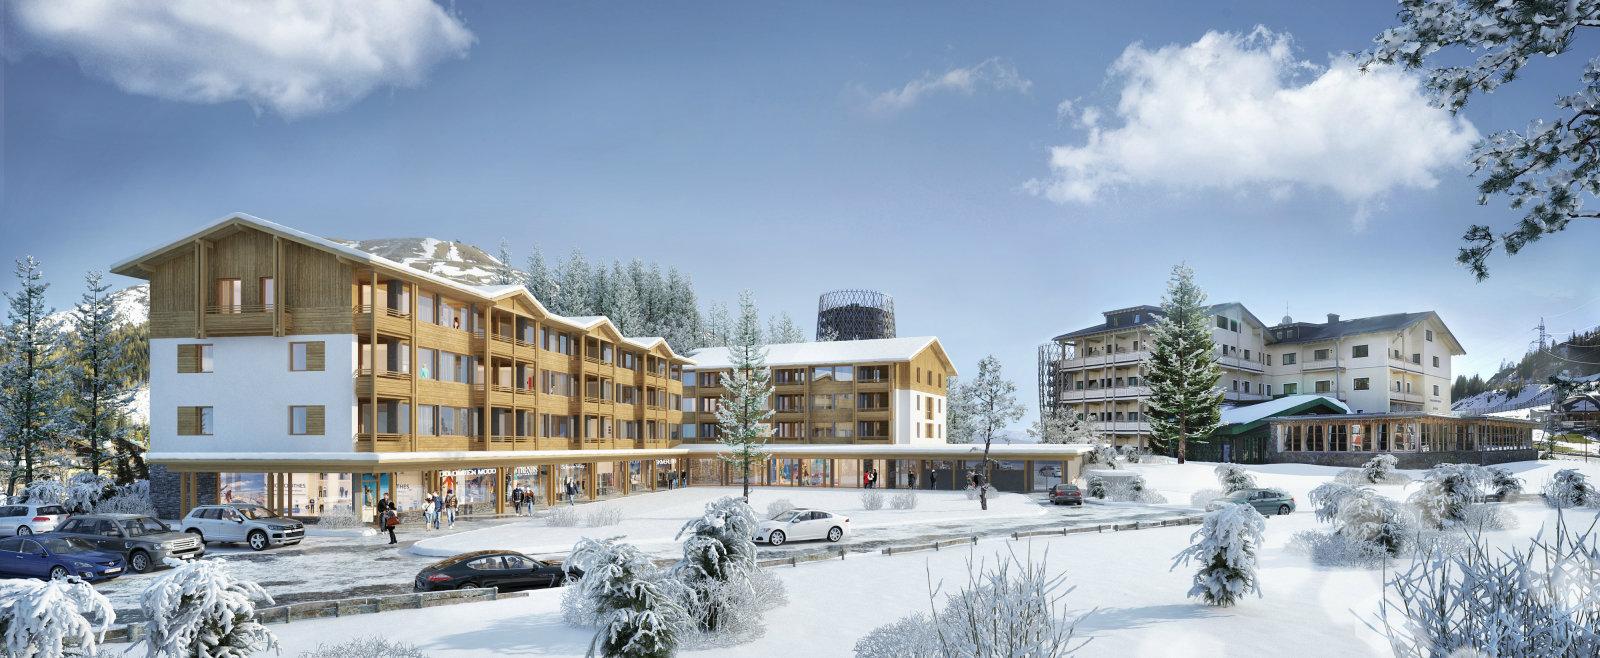 A Cristallo Hotel télen Forrás: (c) Hotel Cristallo